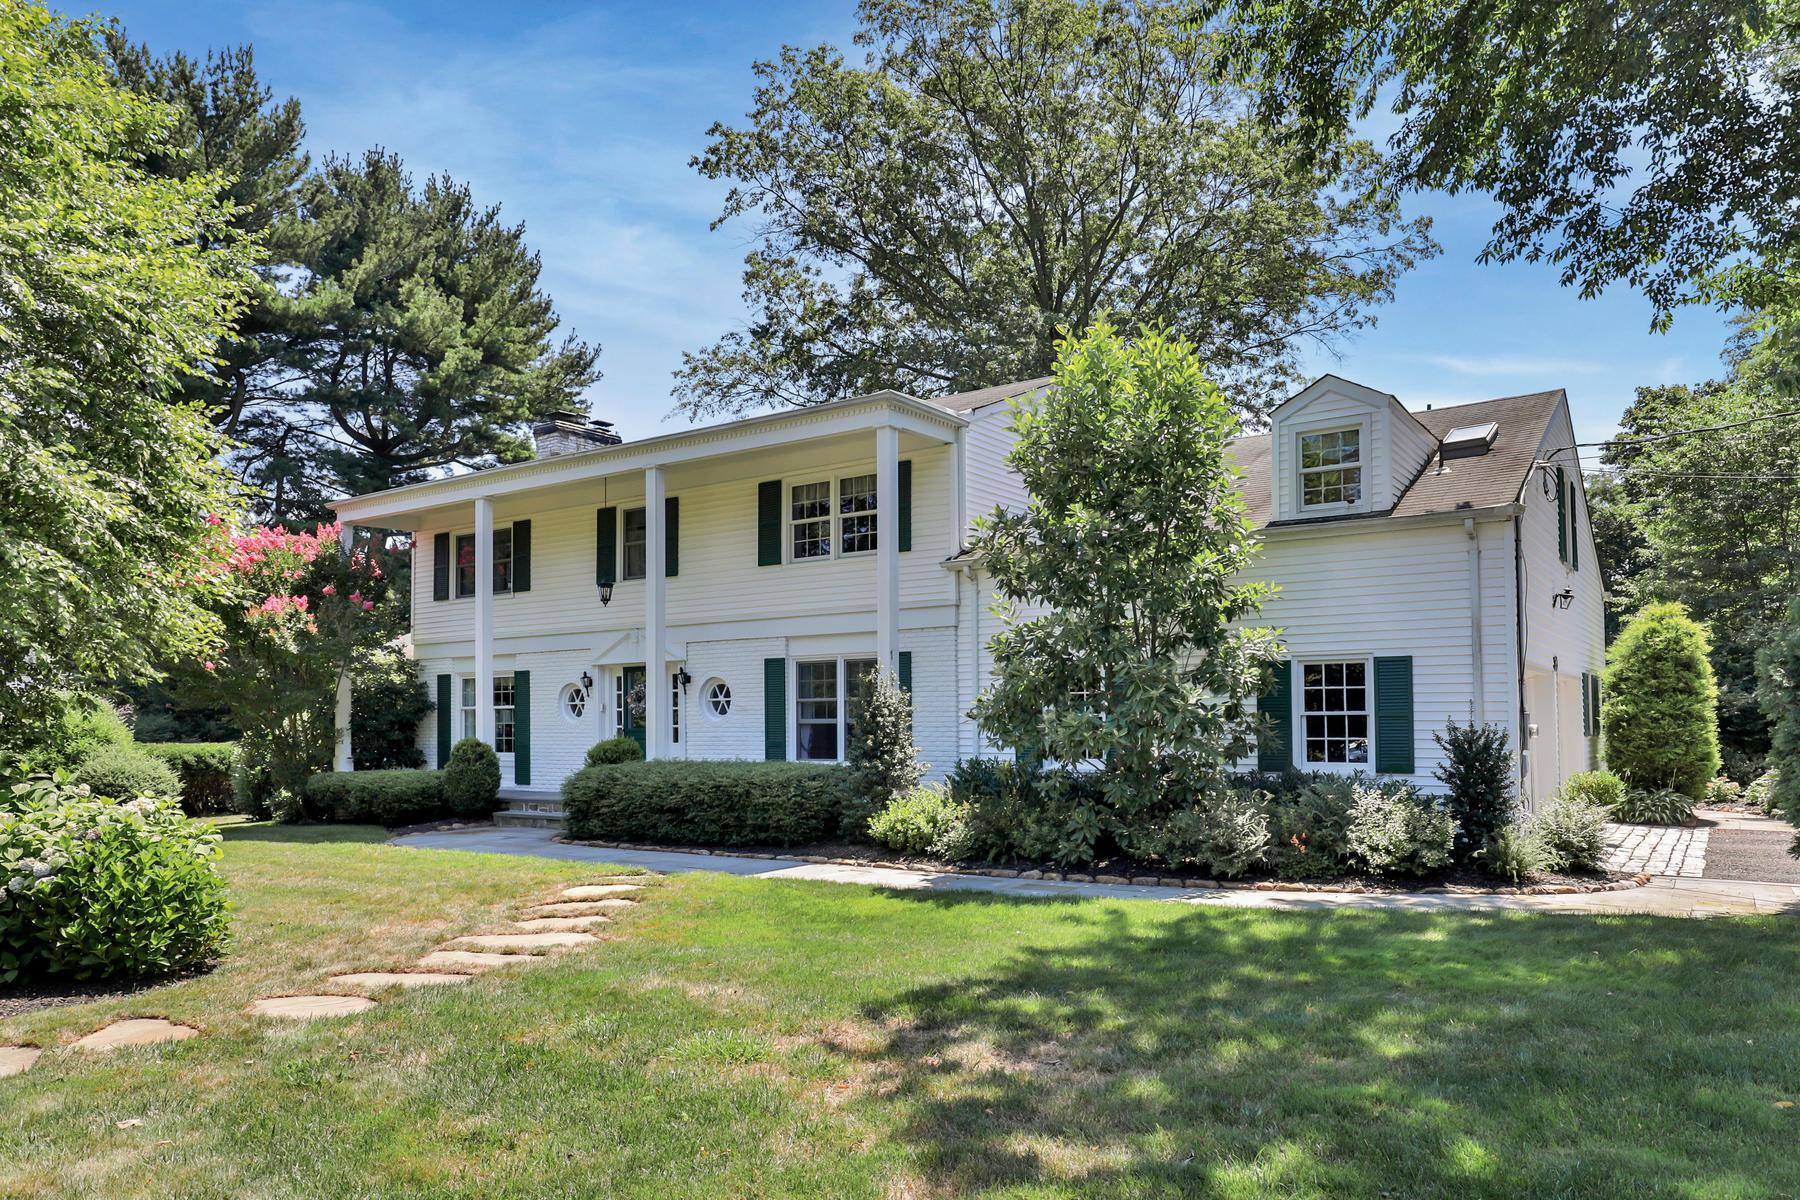 Maison unifamiliale pour l Vente à Gracious Colonial 137 Ridge Rd Rumson, New Jersey, 07760 États-Unis